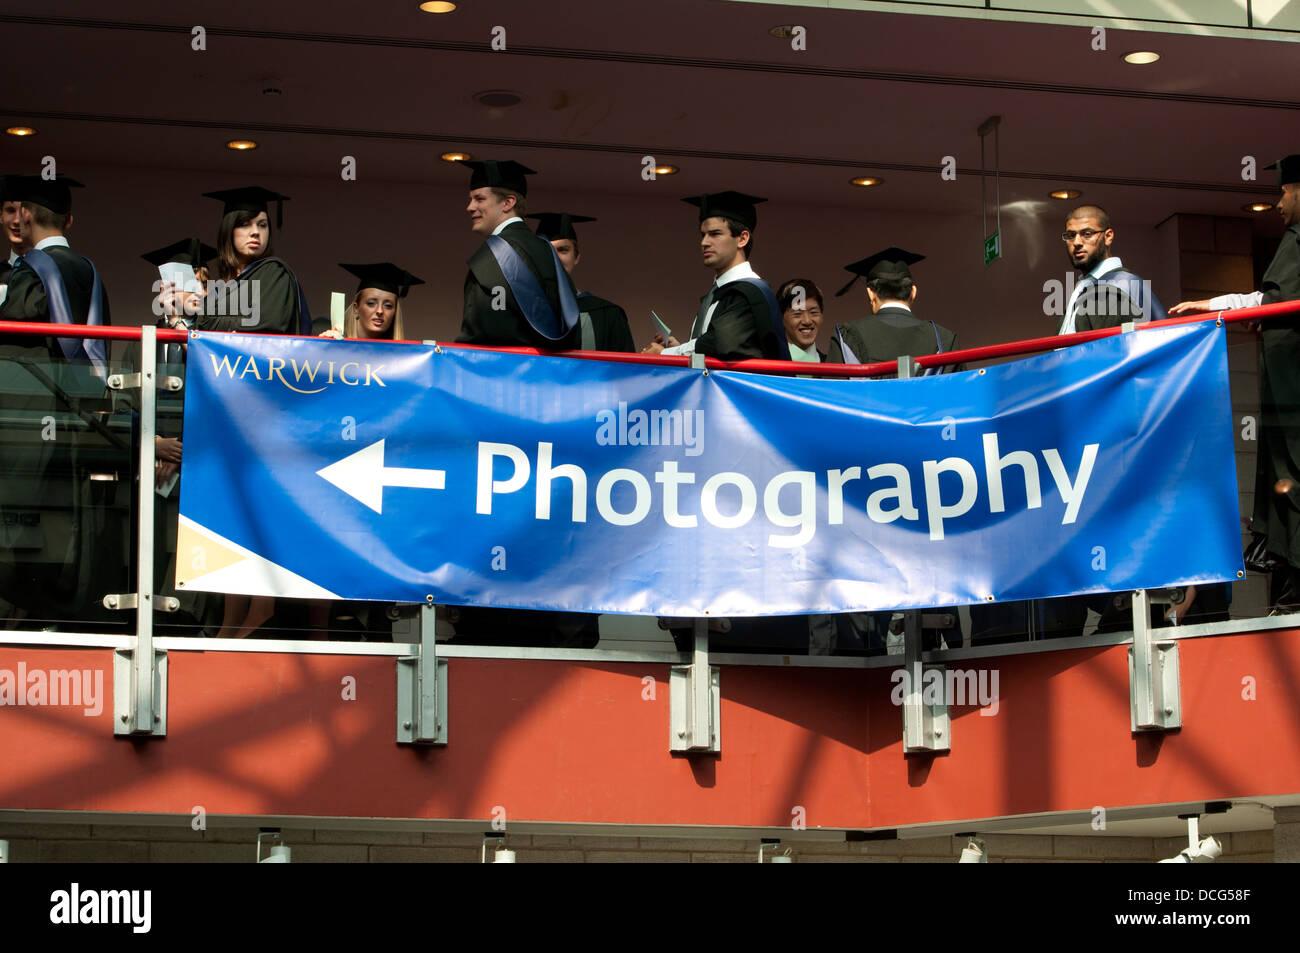 Warwick University graduation day. - Stock Image